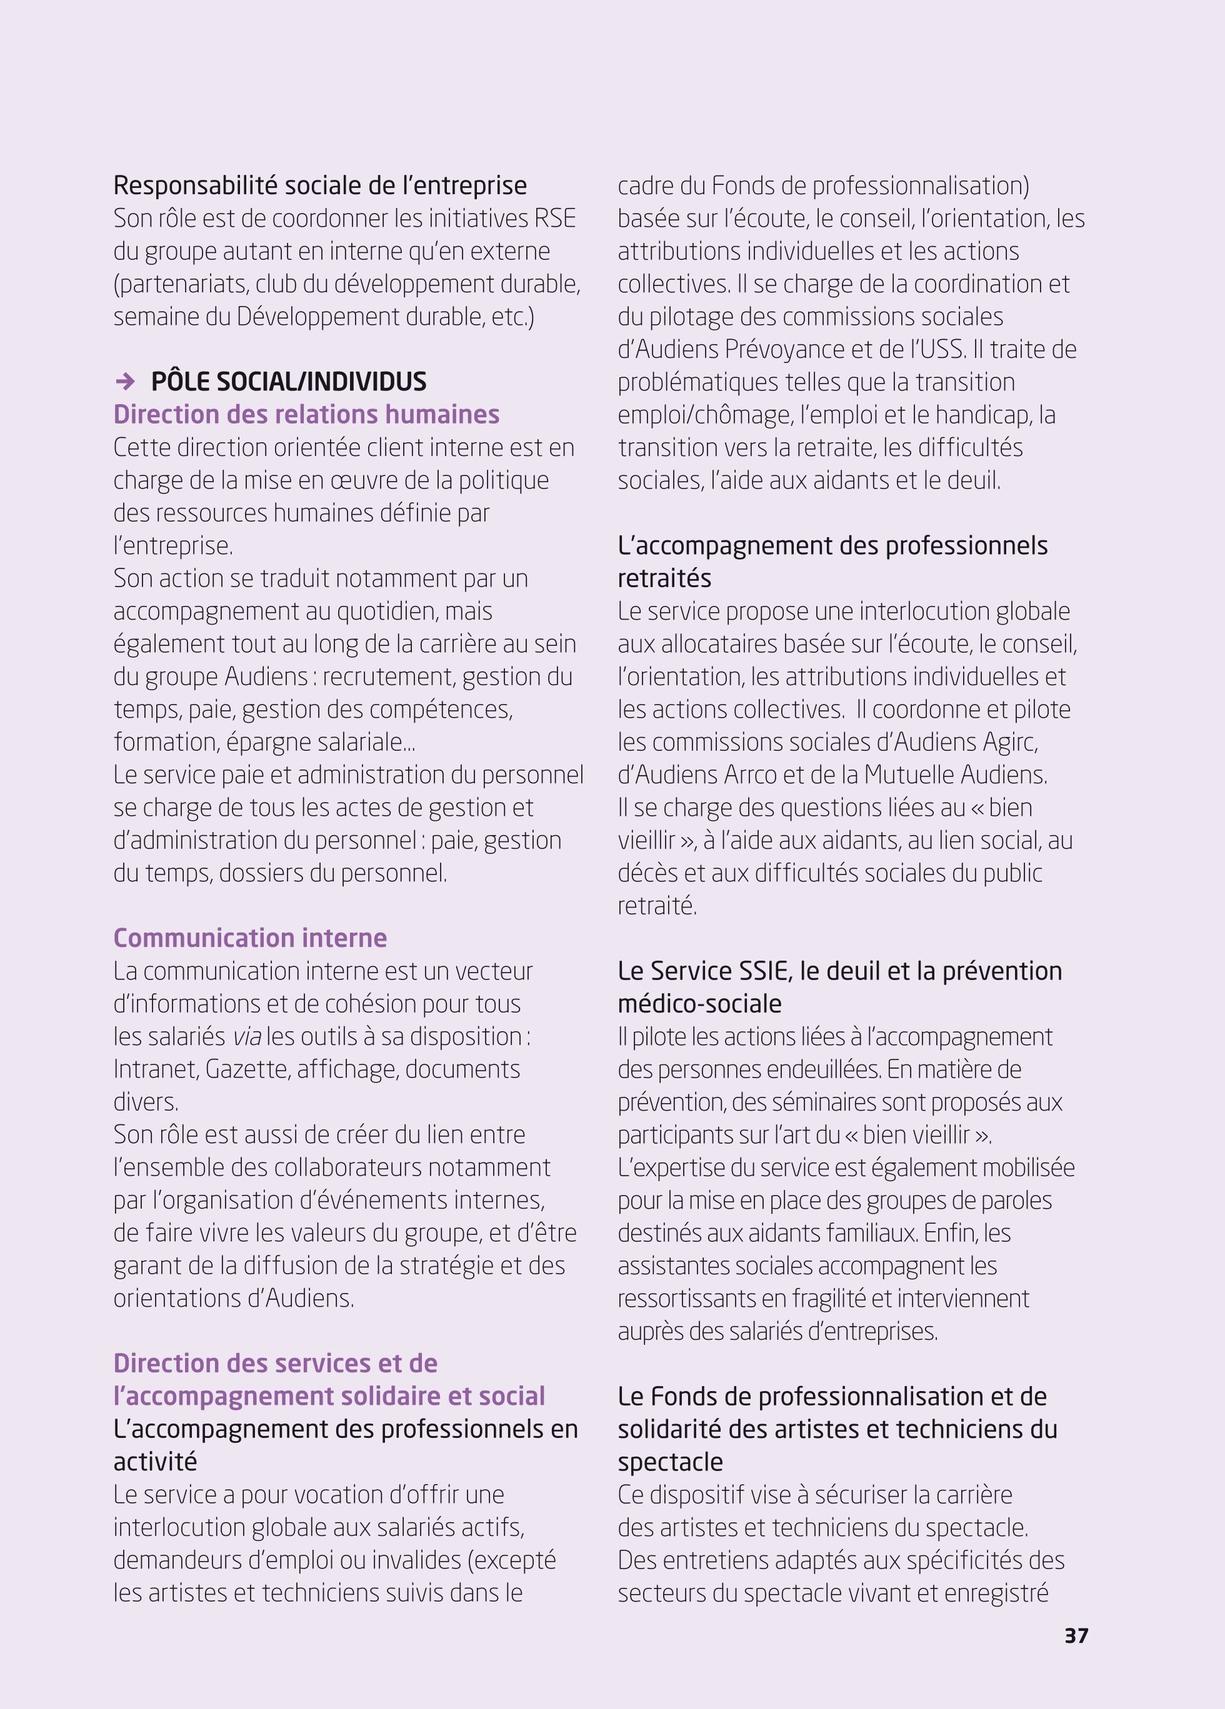 Audiens Livret D Accueil Edition 2015